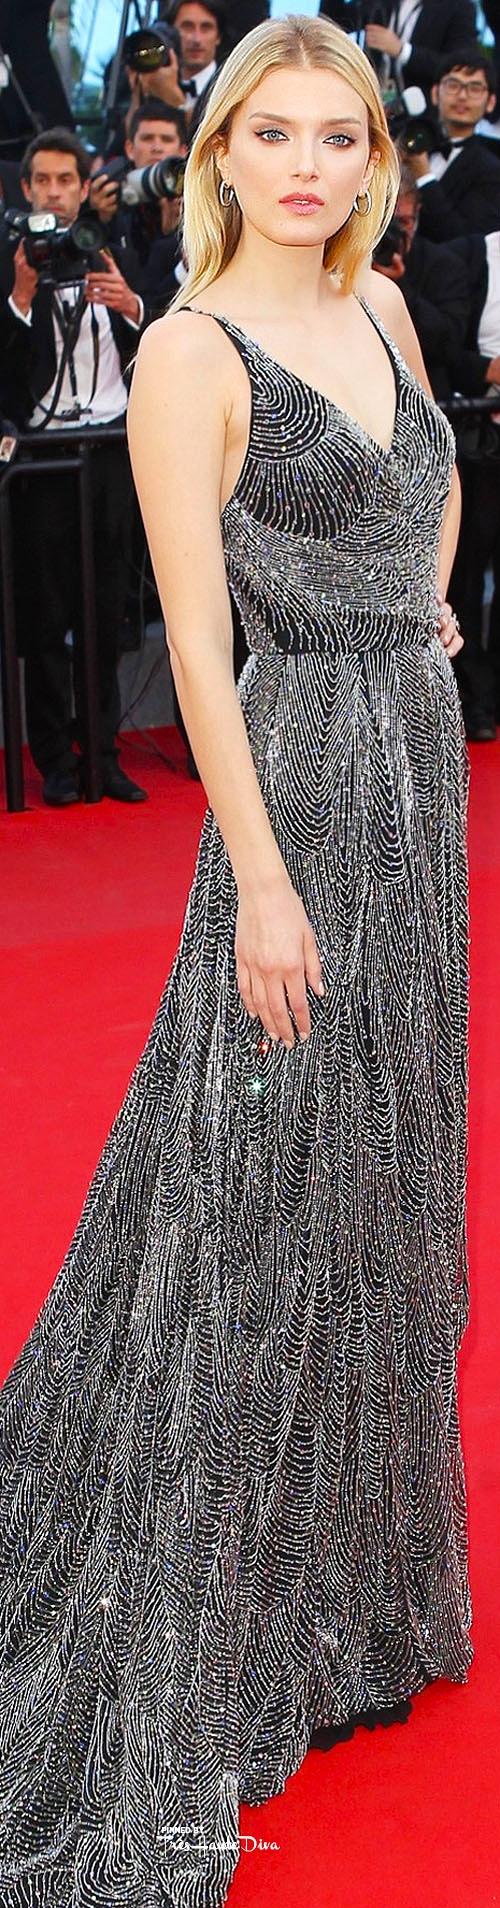 Lily Donaldson in Saint Laurent vogue.uk.com/ Getty